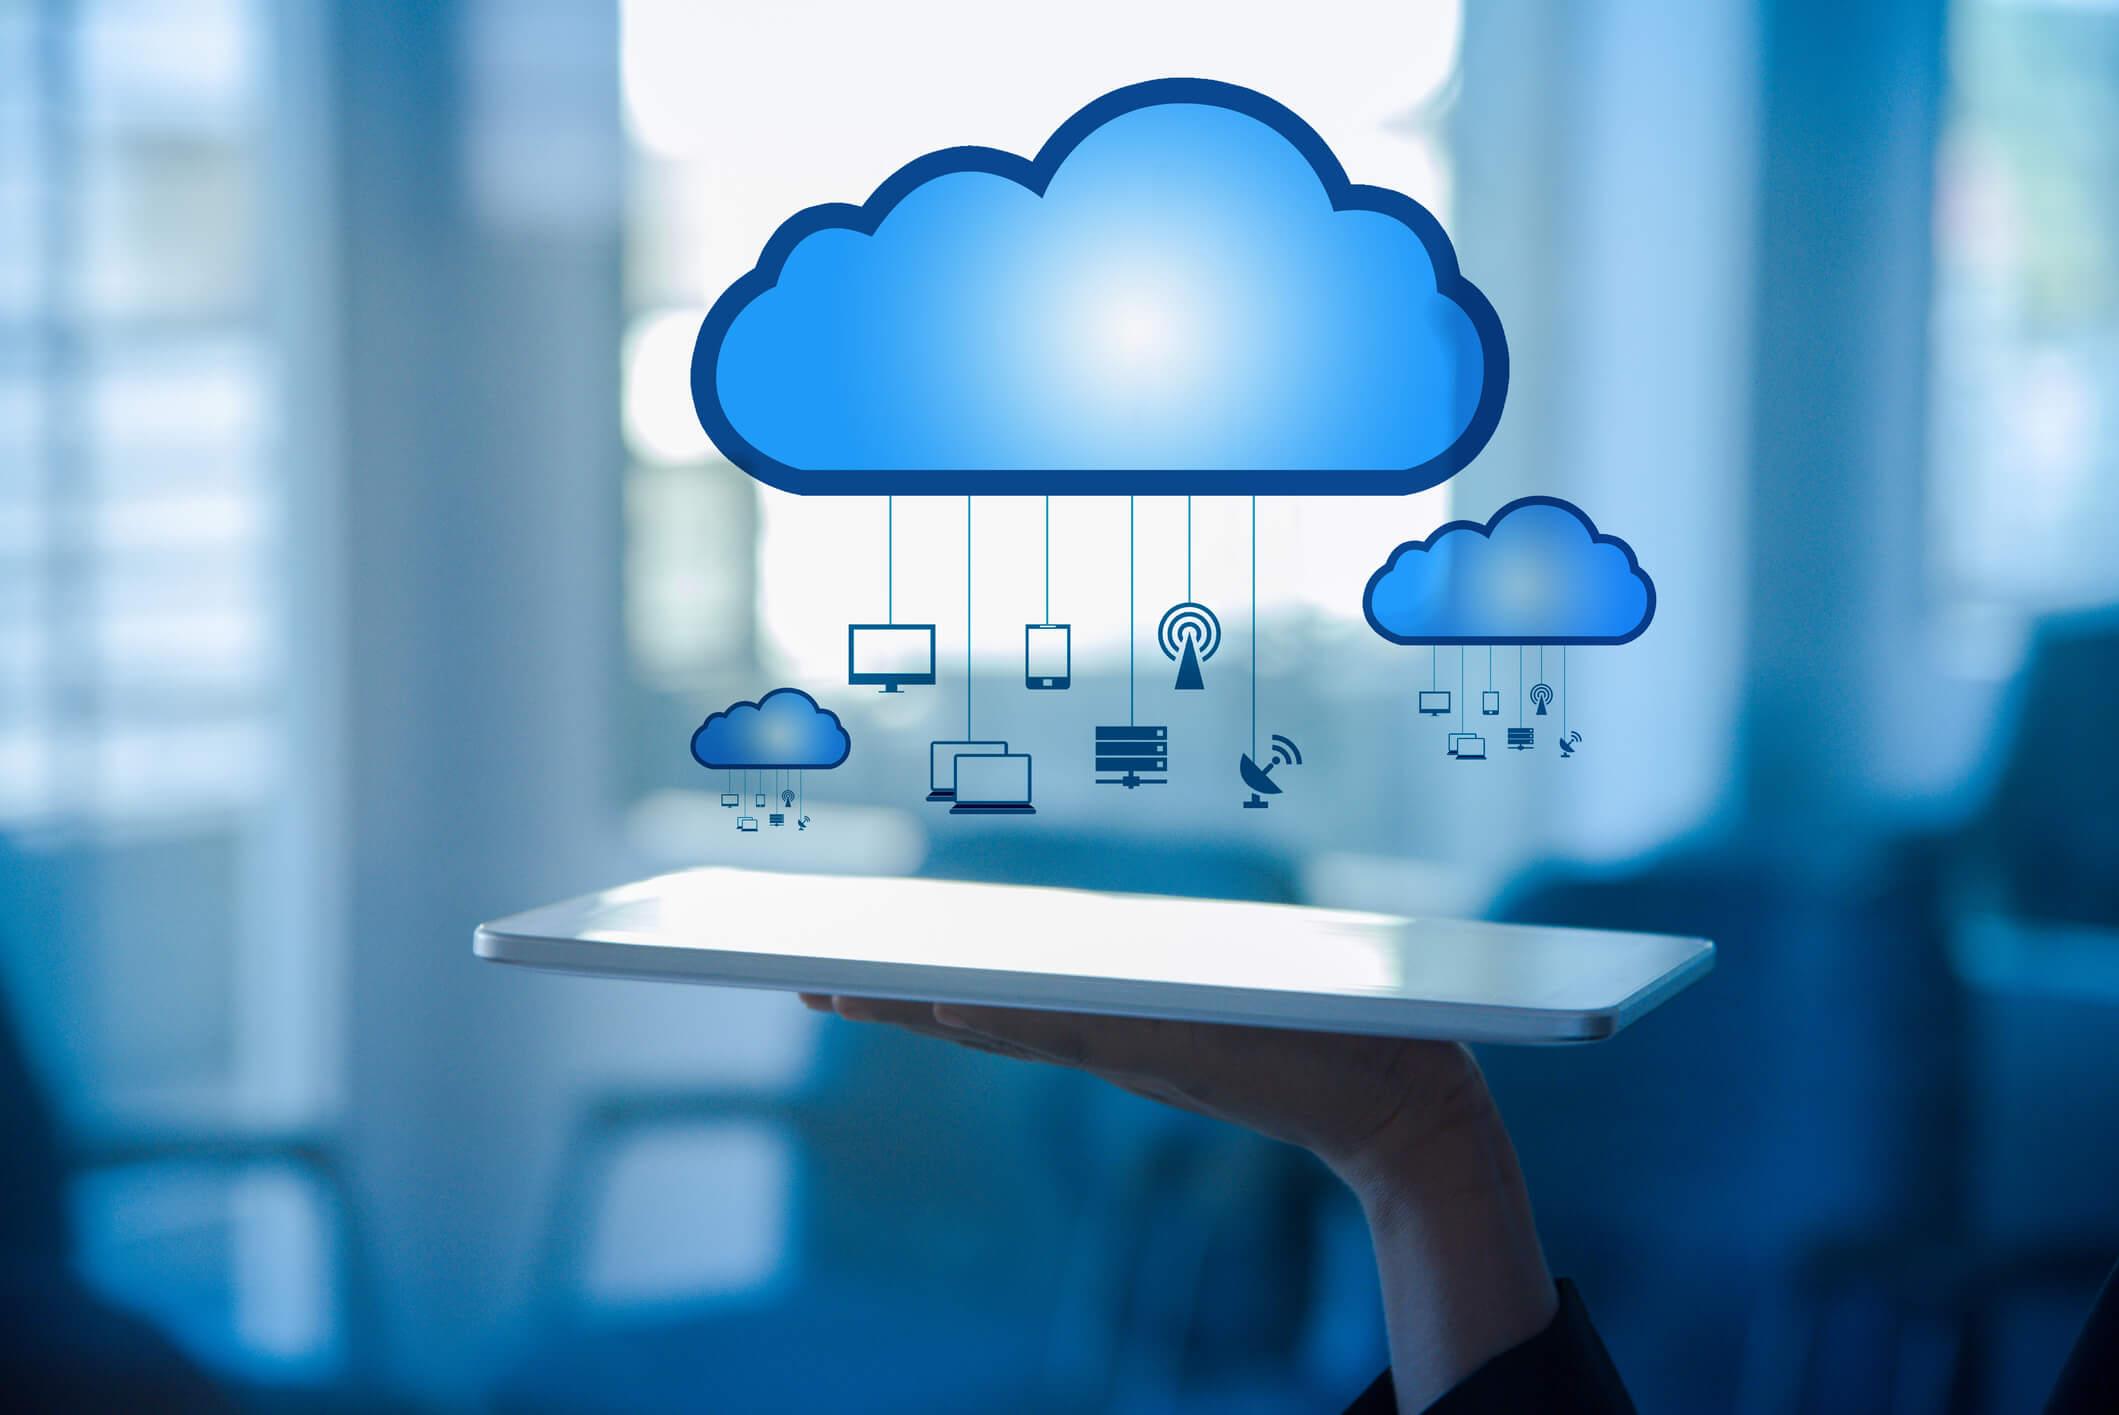 Tableta con imágenes de nubes que representan el sistema de facturación en la nube